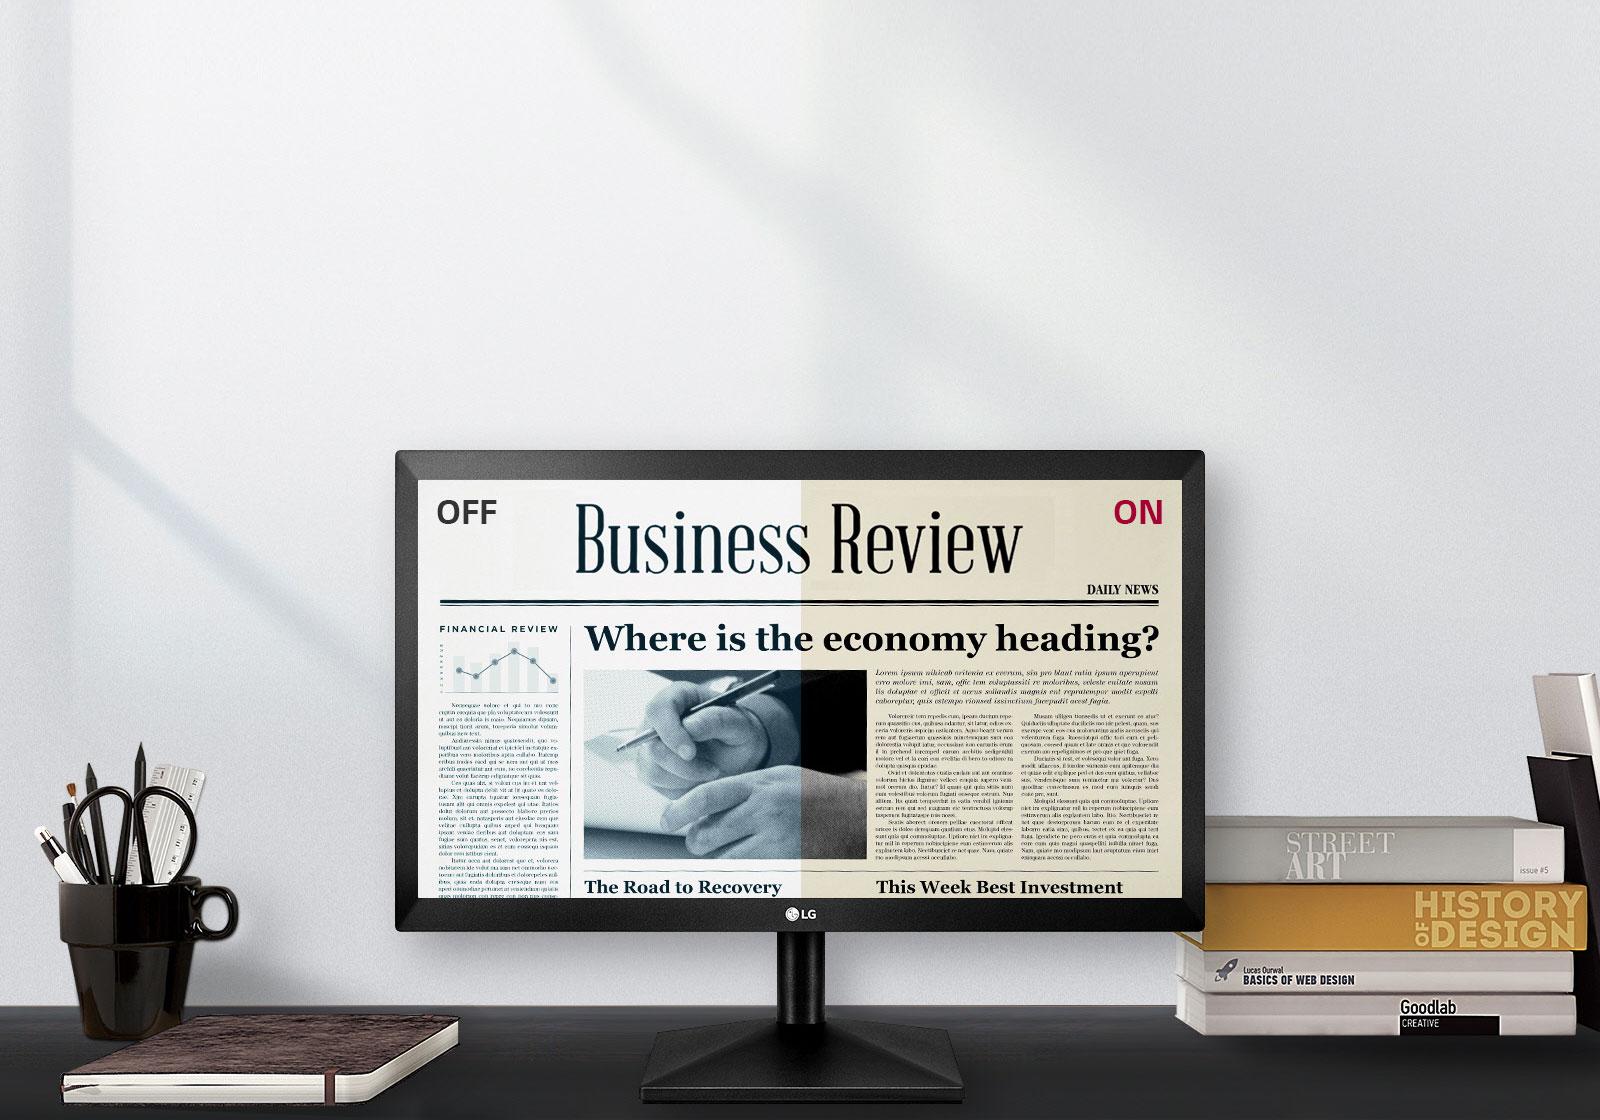 🦂 MONITOR LG FHD 22 PULGADAS ⚡ - productos-nuevos, pantallas, asys-computadores-asyscom - Global 20MK400 2018 Feature 01 ReaderMode D V1